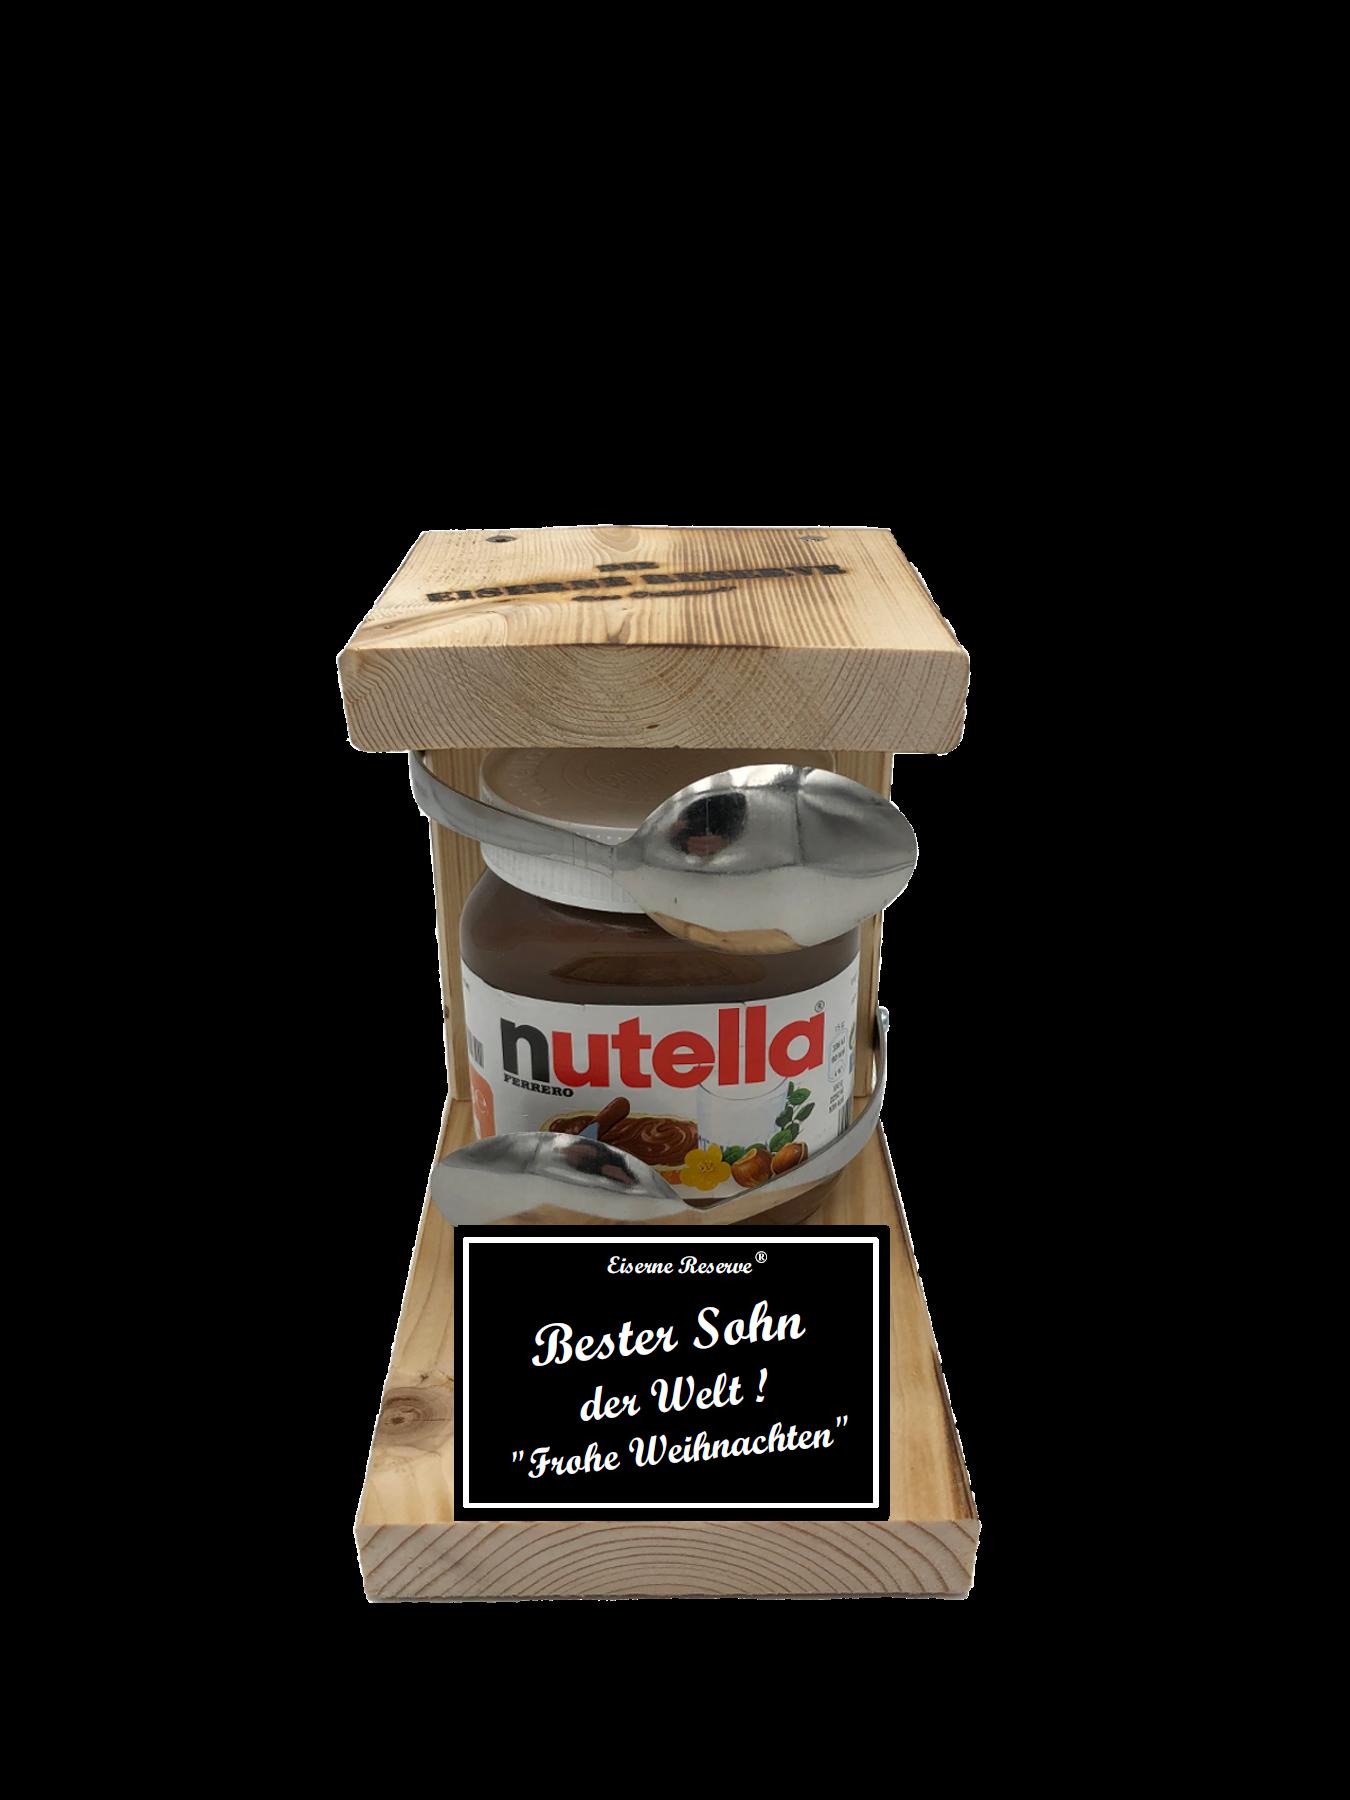 Bester Sohn der Welt Frohe Weihnachten Löffel Nutella Geschenk - Die Nutella Geschenkidee